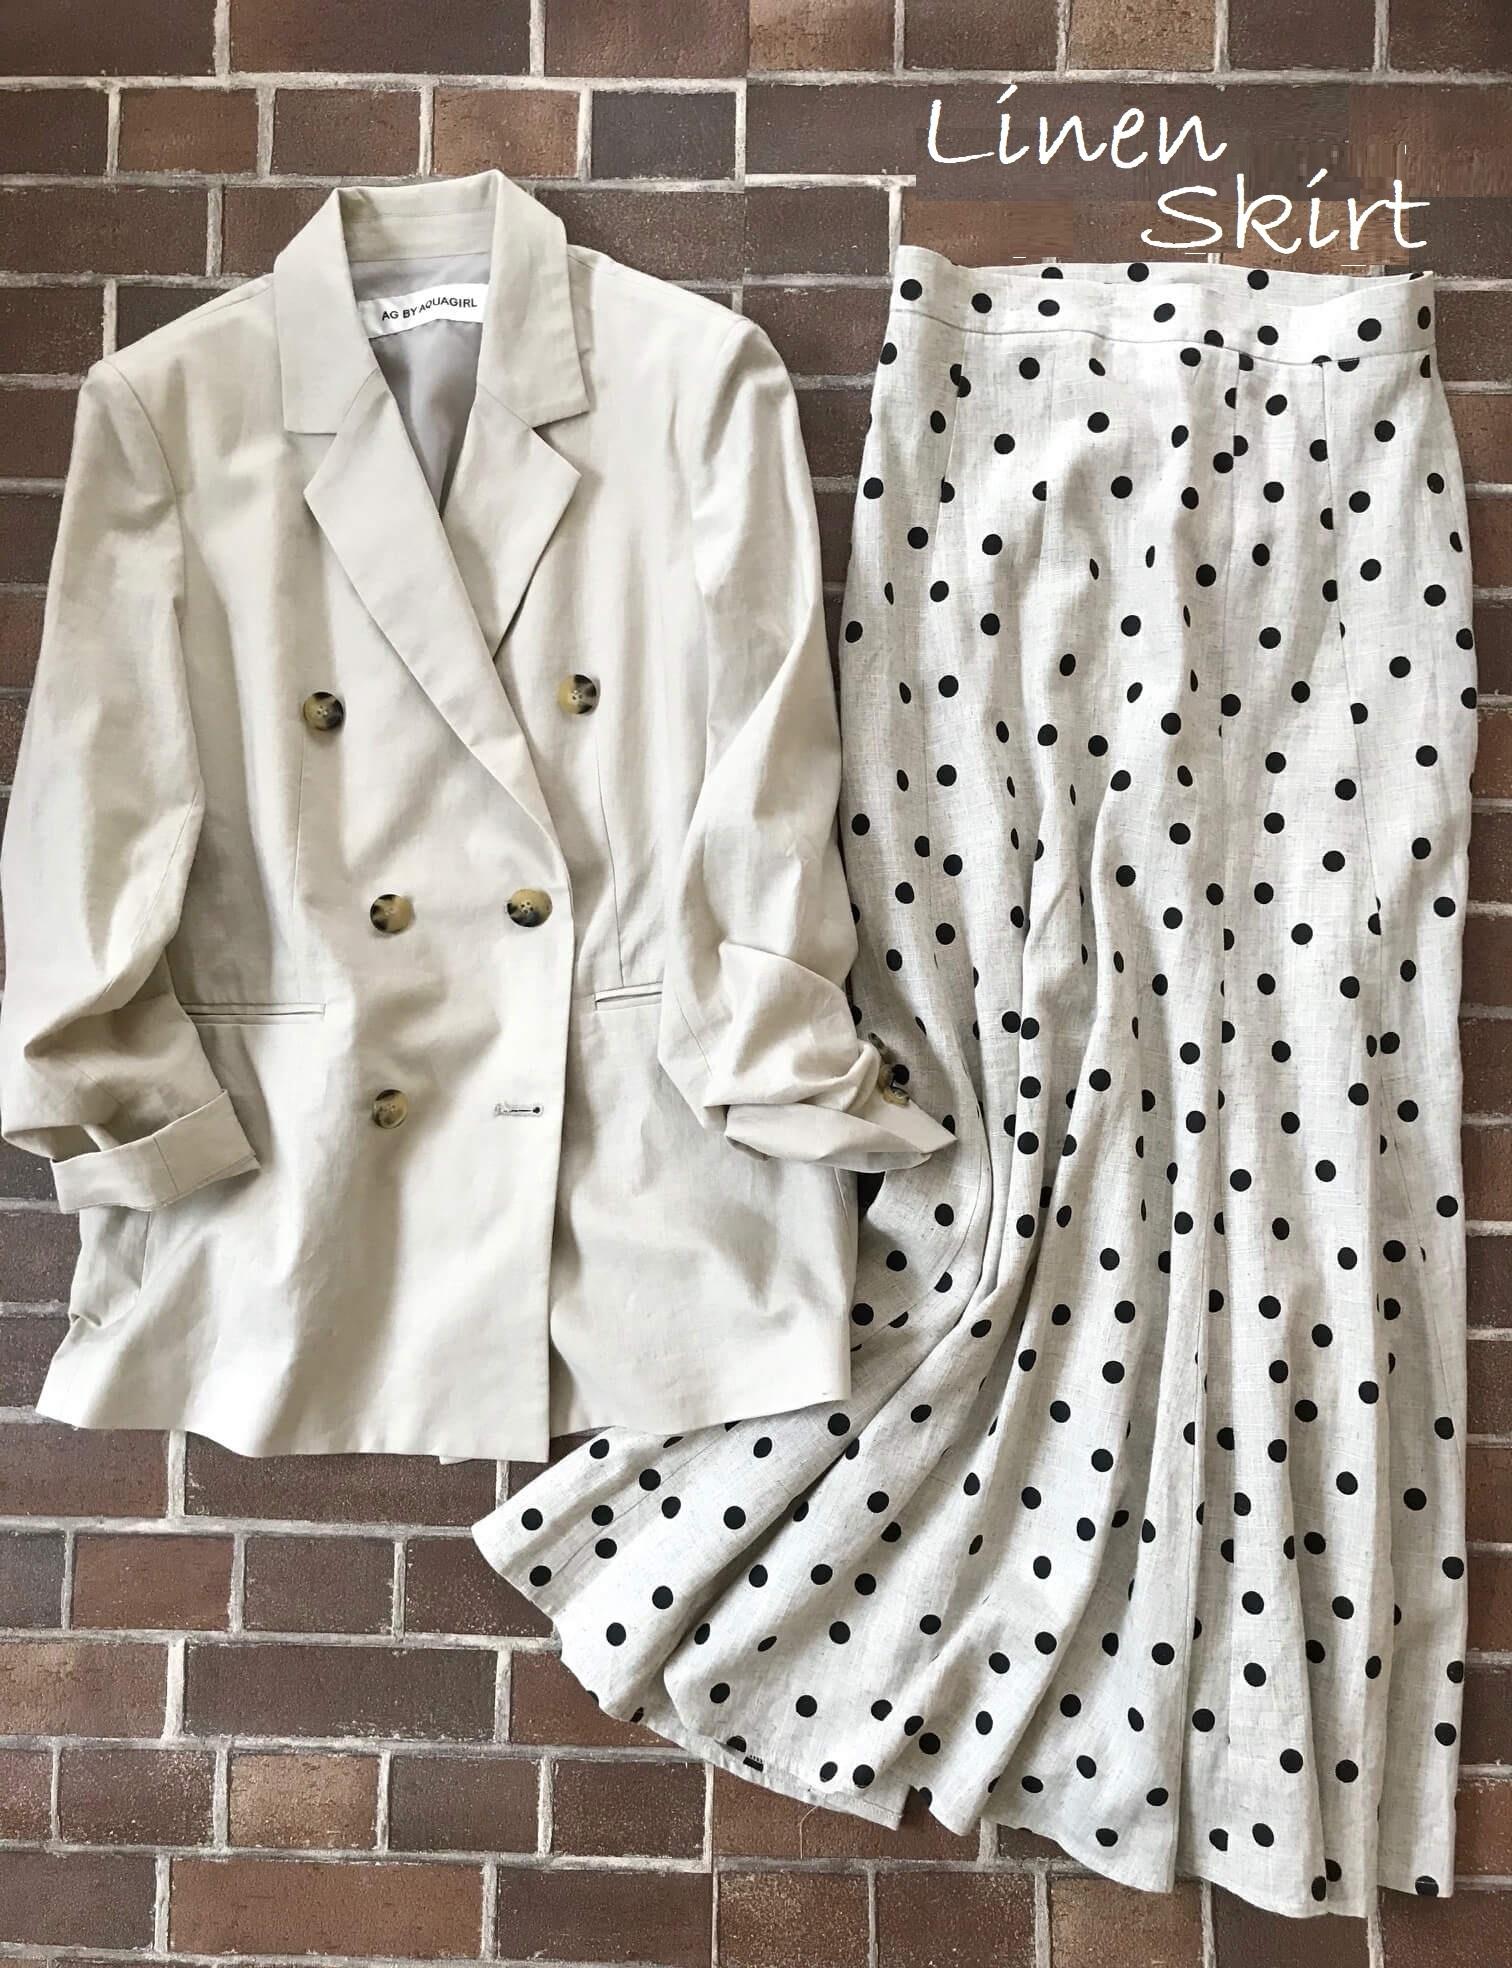 AG by aquagirl のジャケットとリネンスカートを合わせた画像